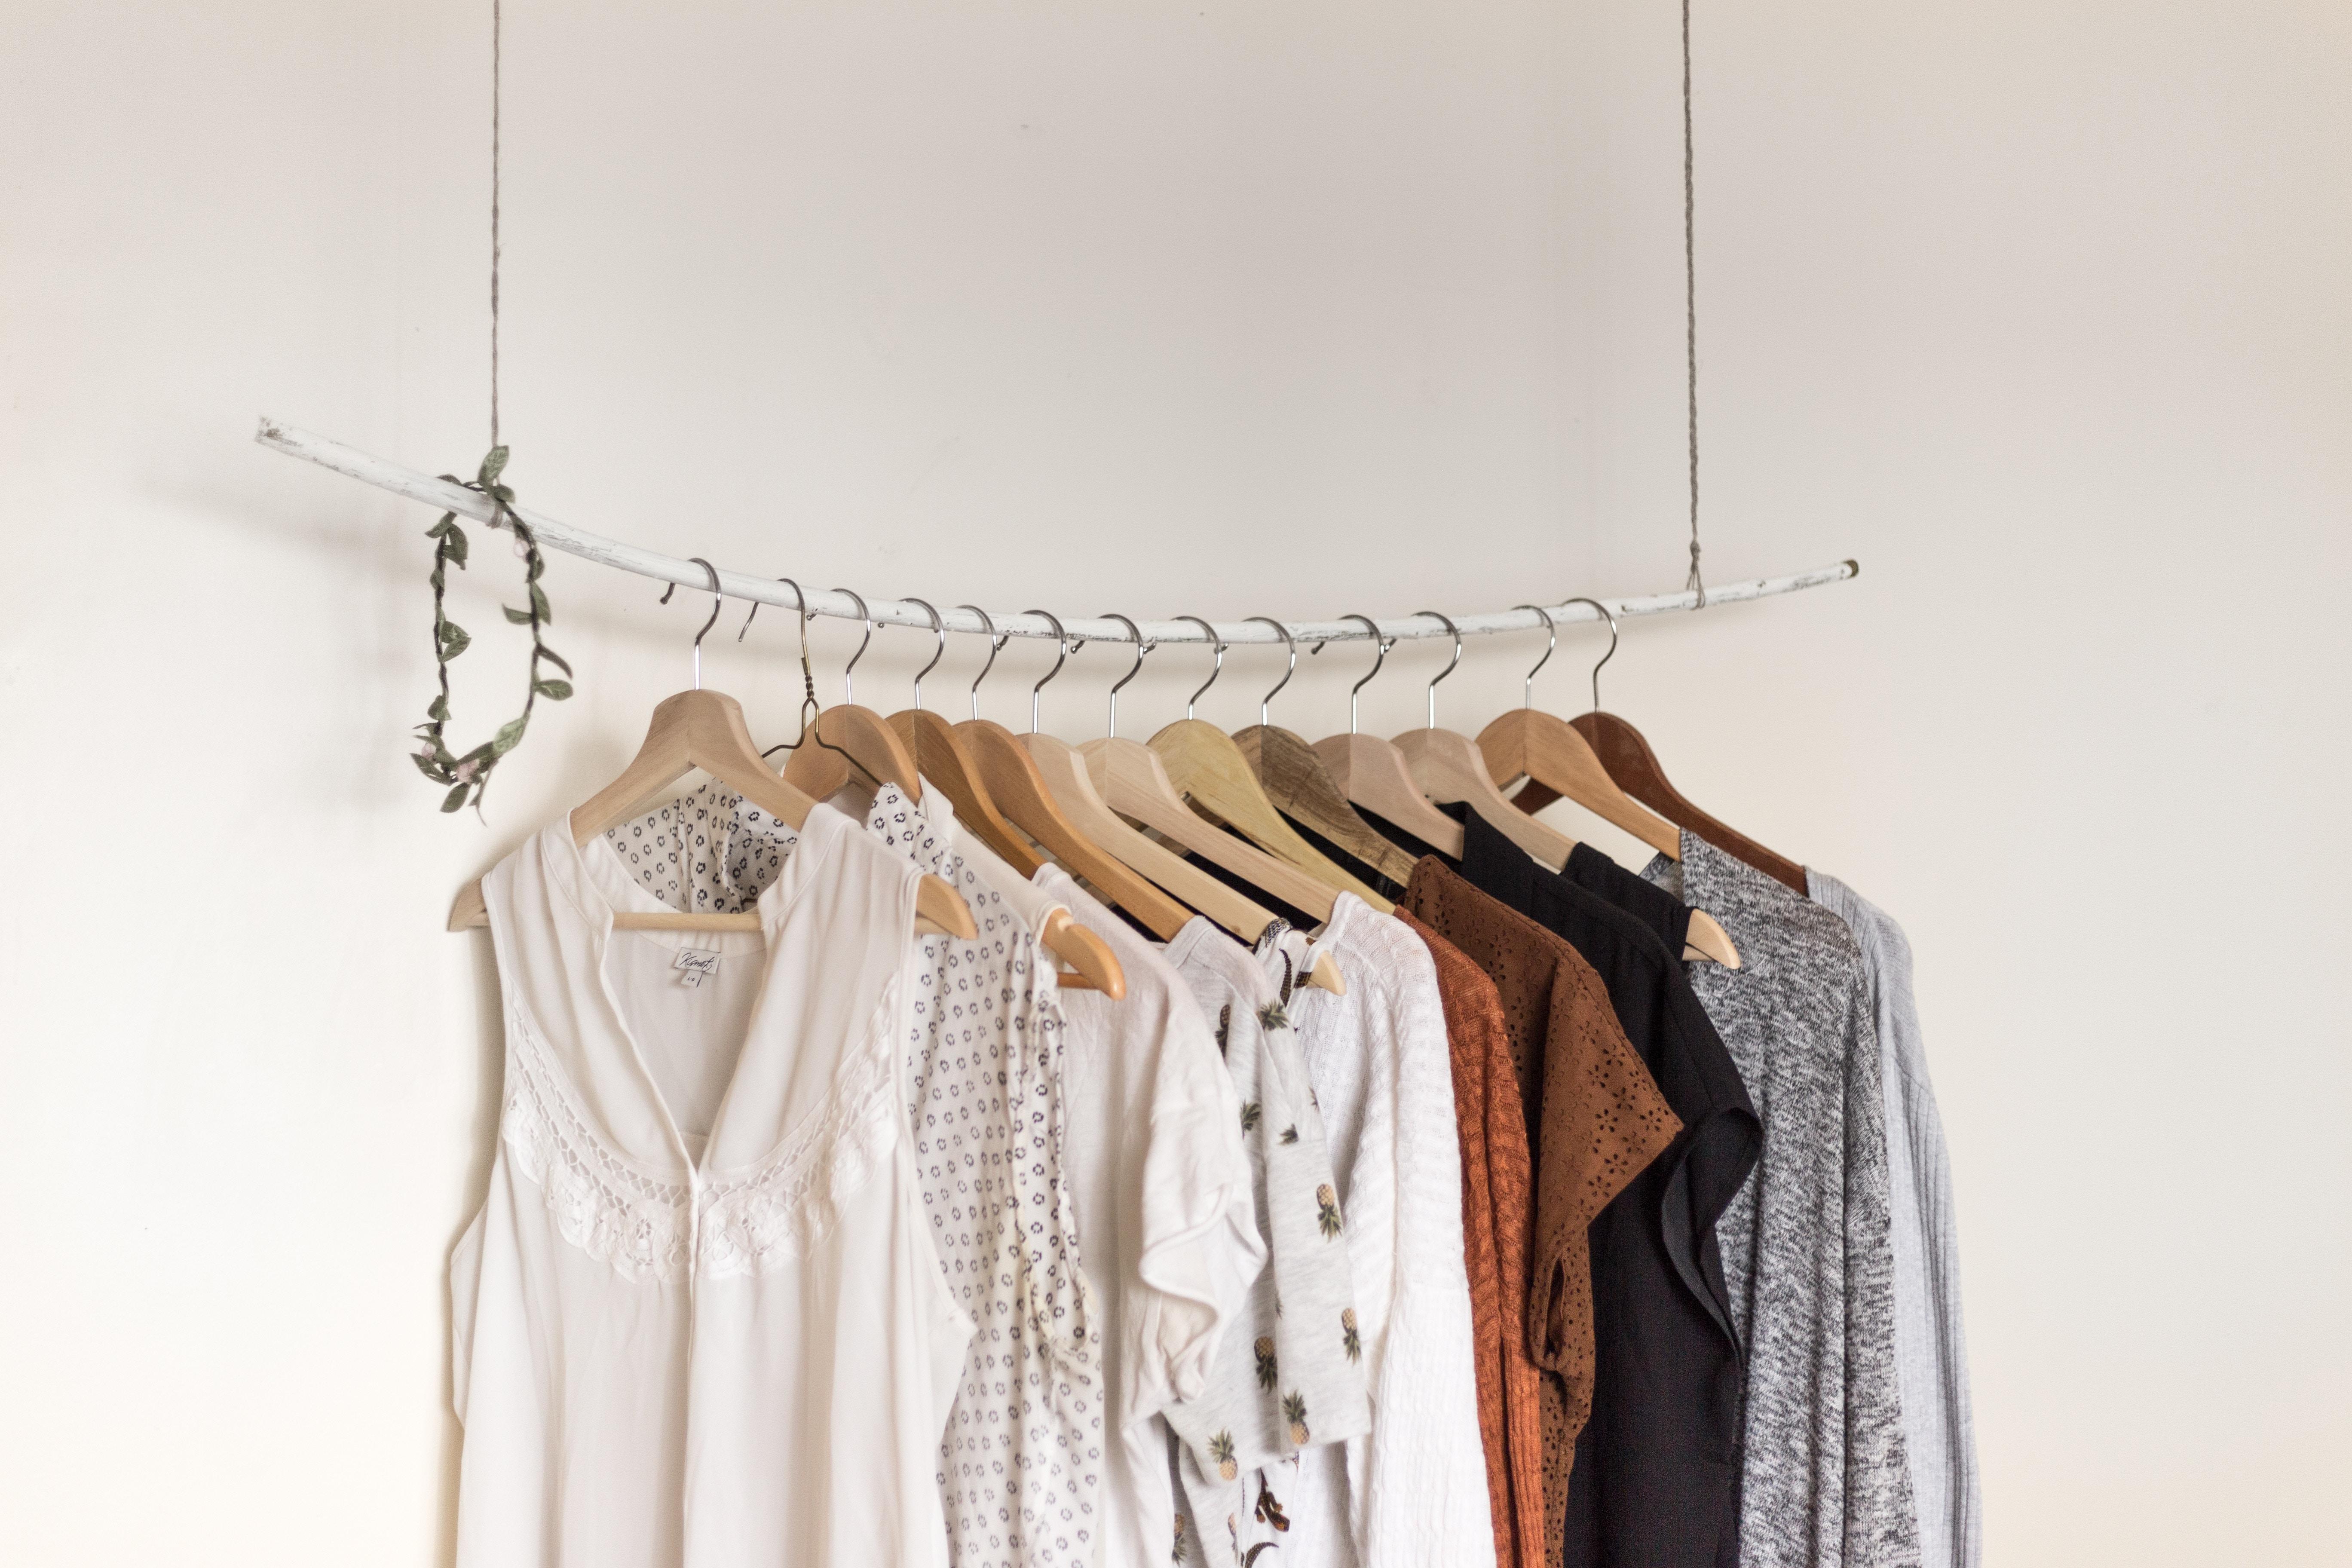 Eine Kleiderstange mit wenig Kleidungsstücken.